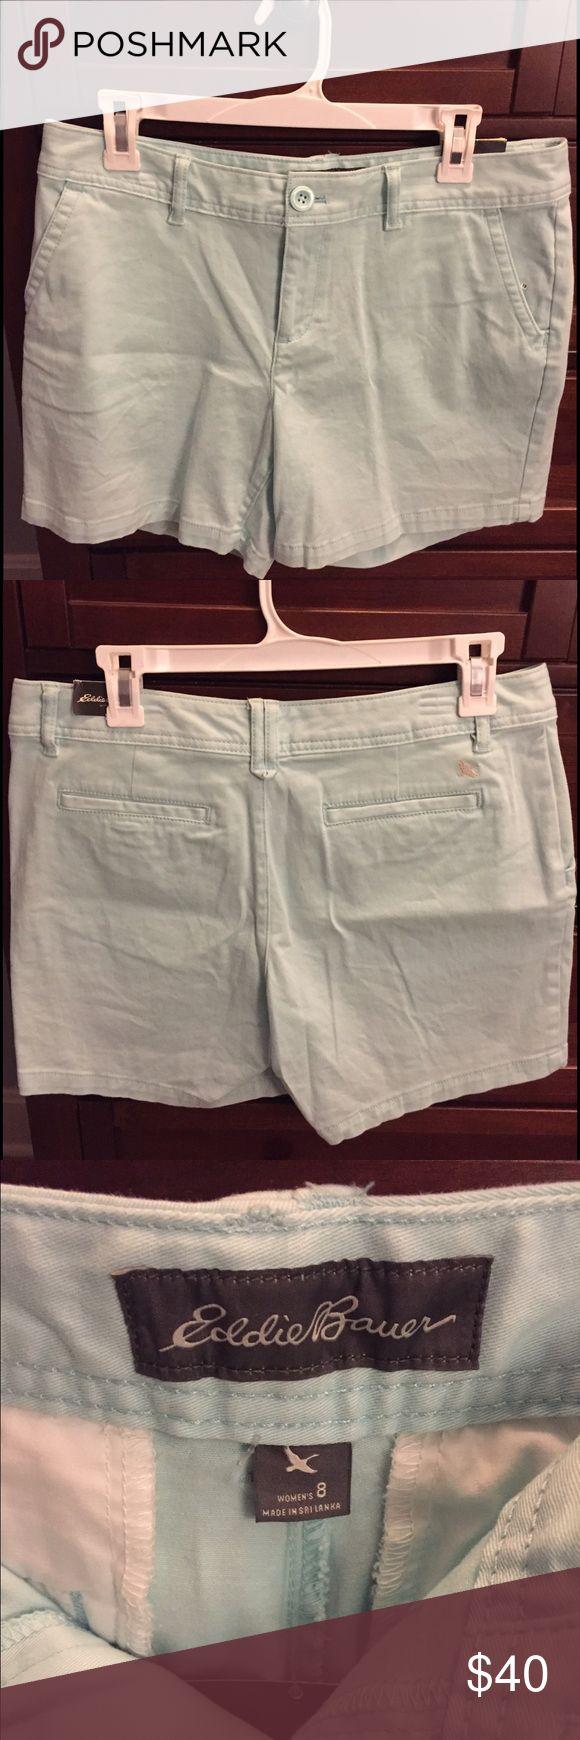 Eddie Bauer teal shorts Brand new Eddie Bauer light teal shorts. Size 8 regular Chino 6in shorts in color Bluegrass. Never been worn! Eddie Bauer Shorts Skorts